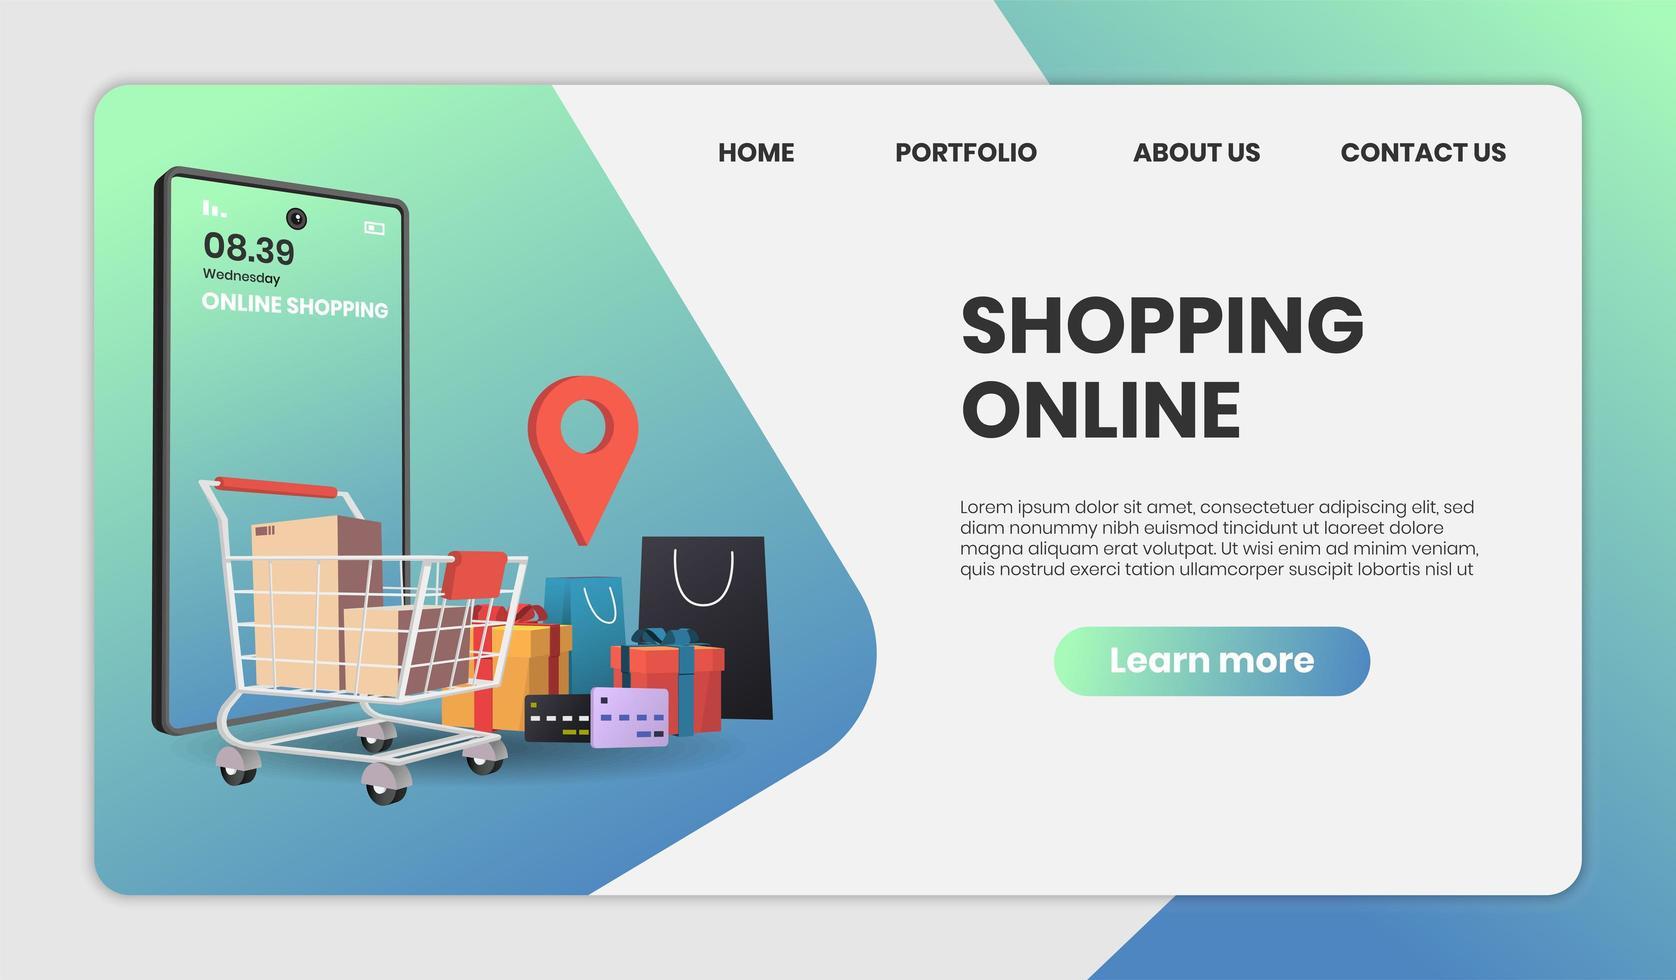 achats en ligne avec modèle de site Web de service de livraison vecteur